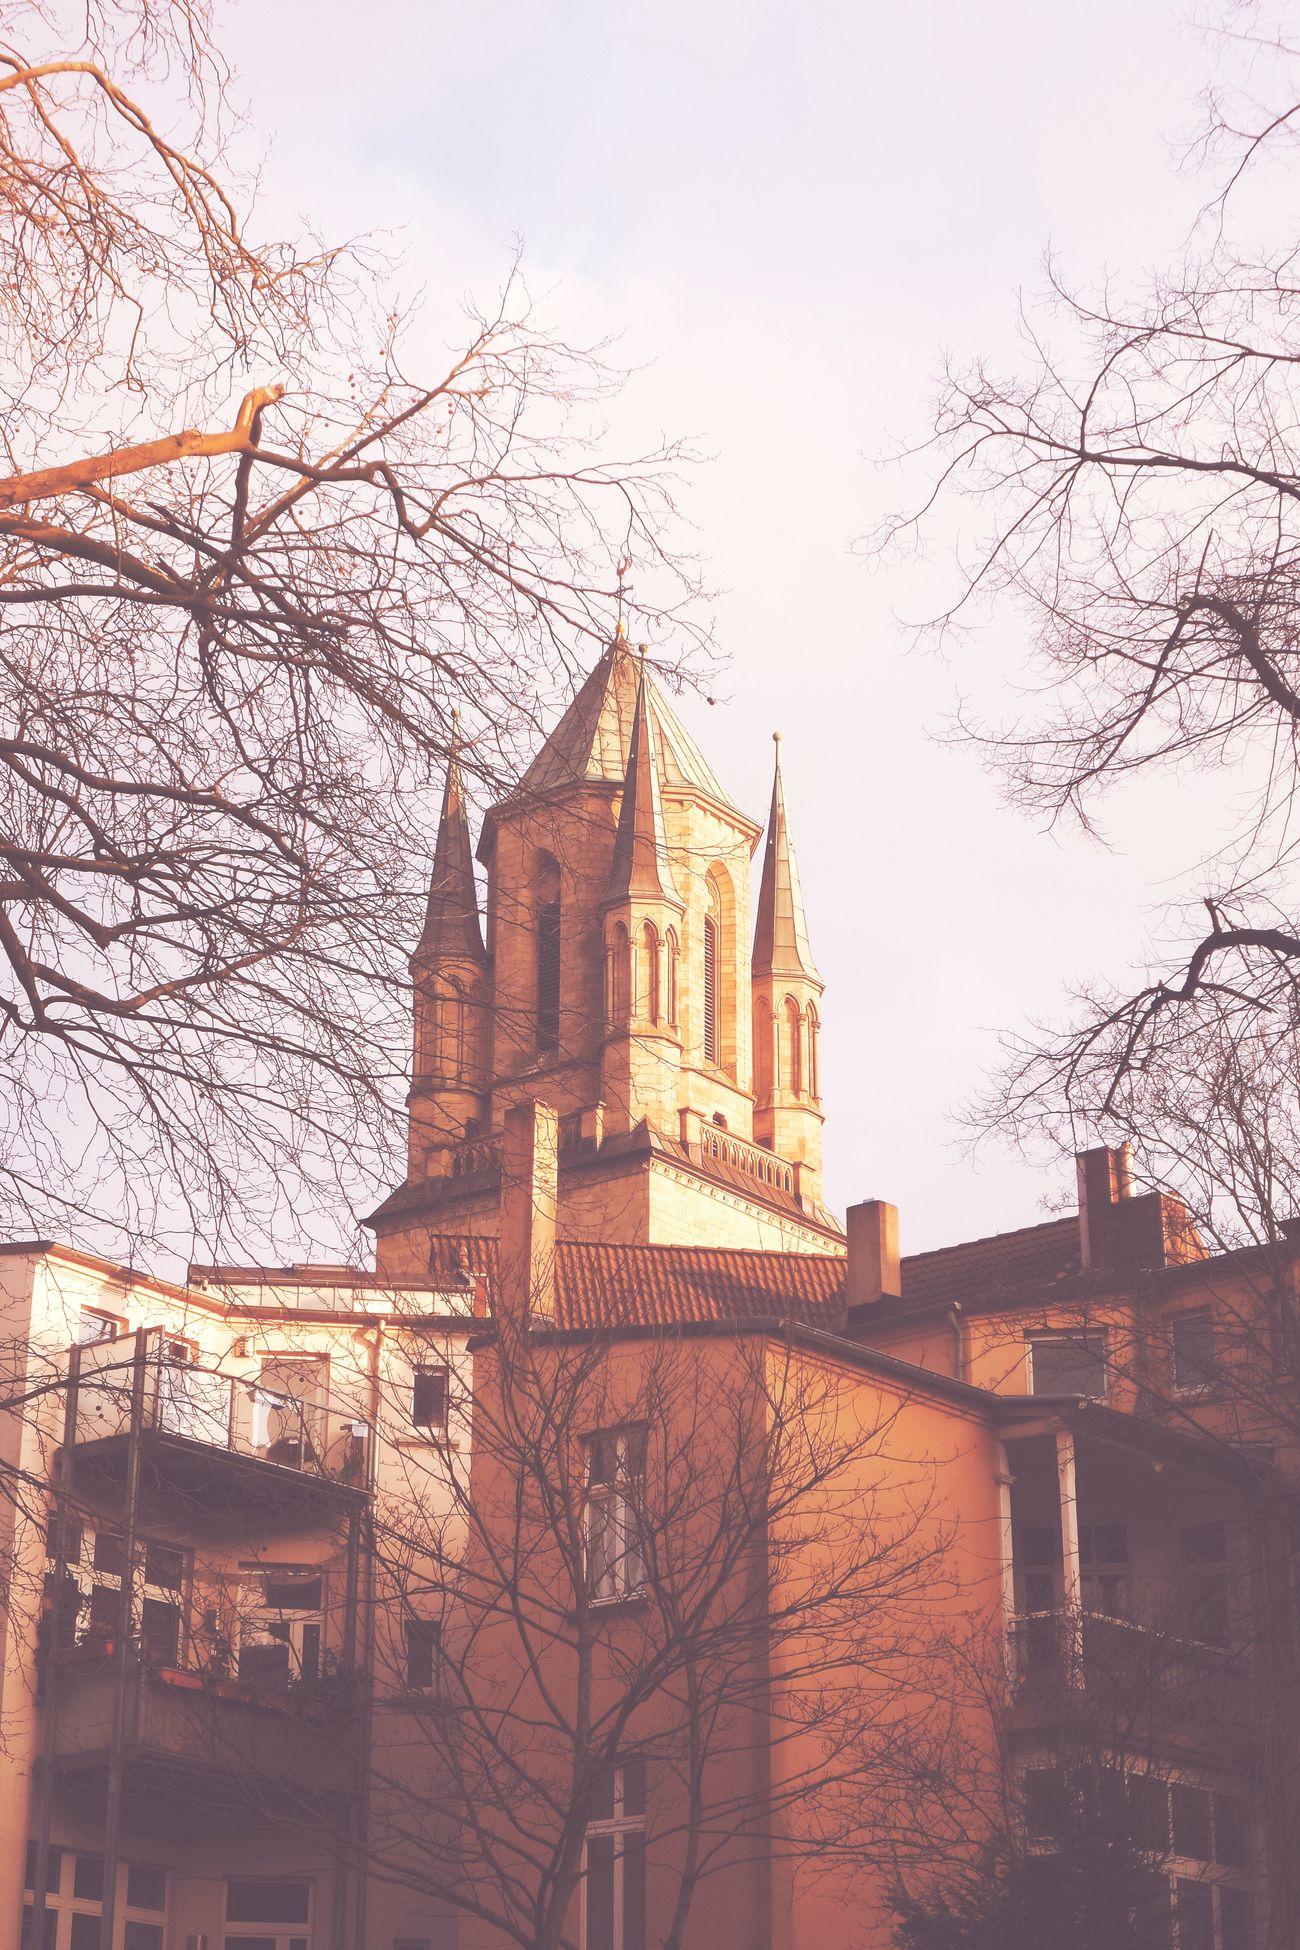 Hinterhofromantik Duisburg Duisburg Neudorf Duisburg | Germany Hinterhof Hinterhofromantik Kirche Church Frühling